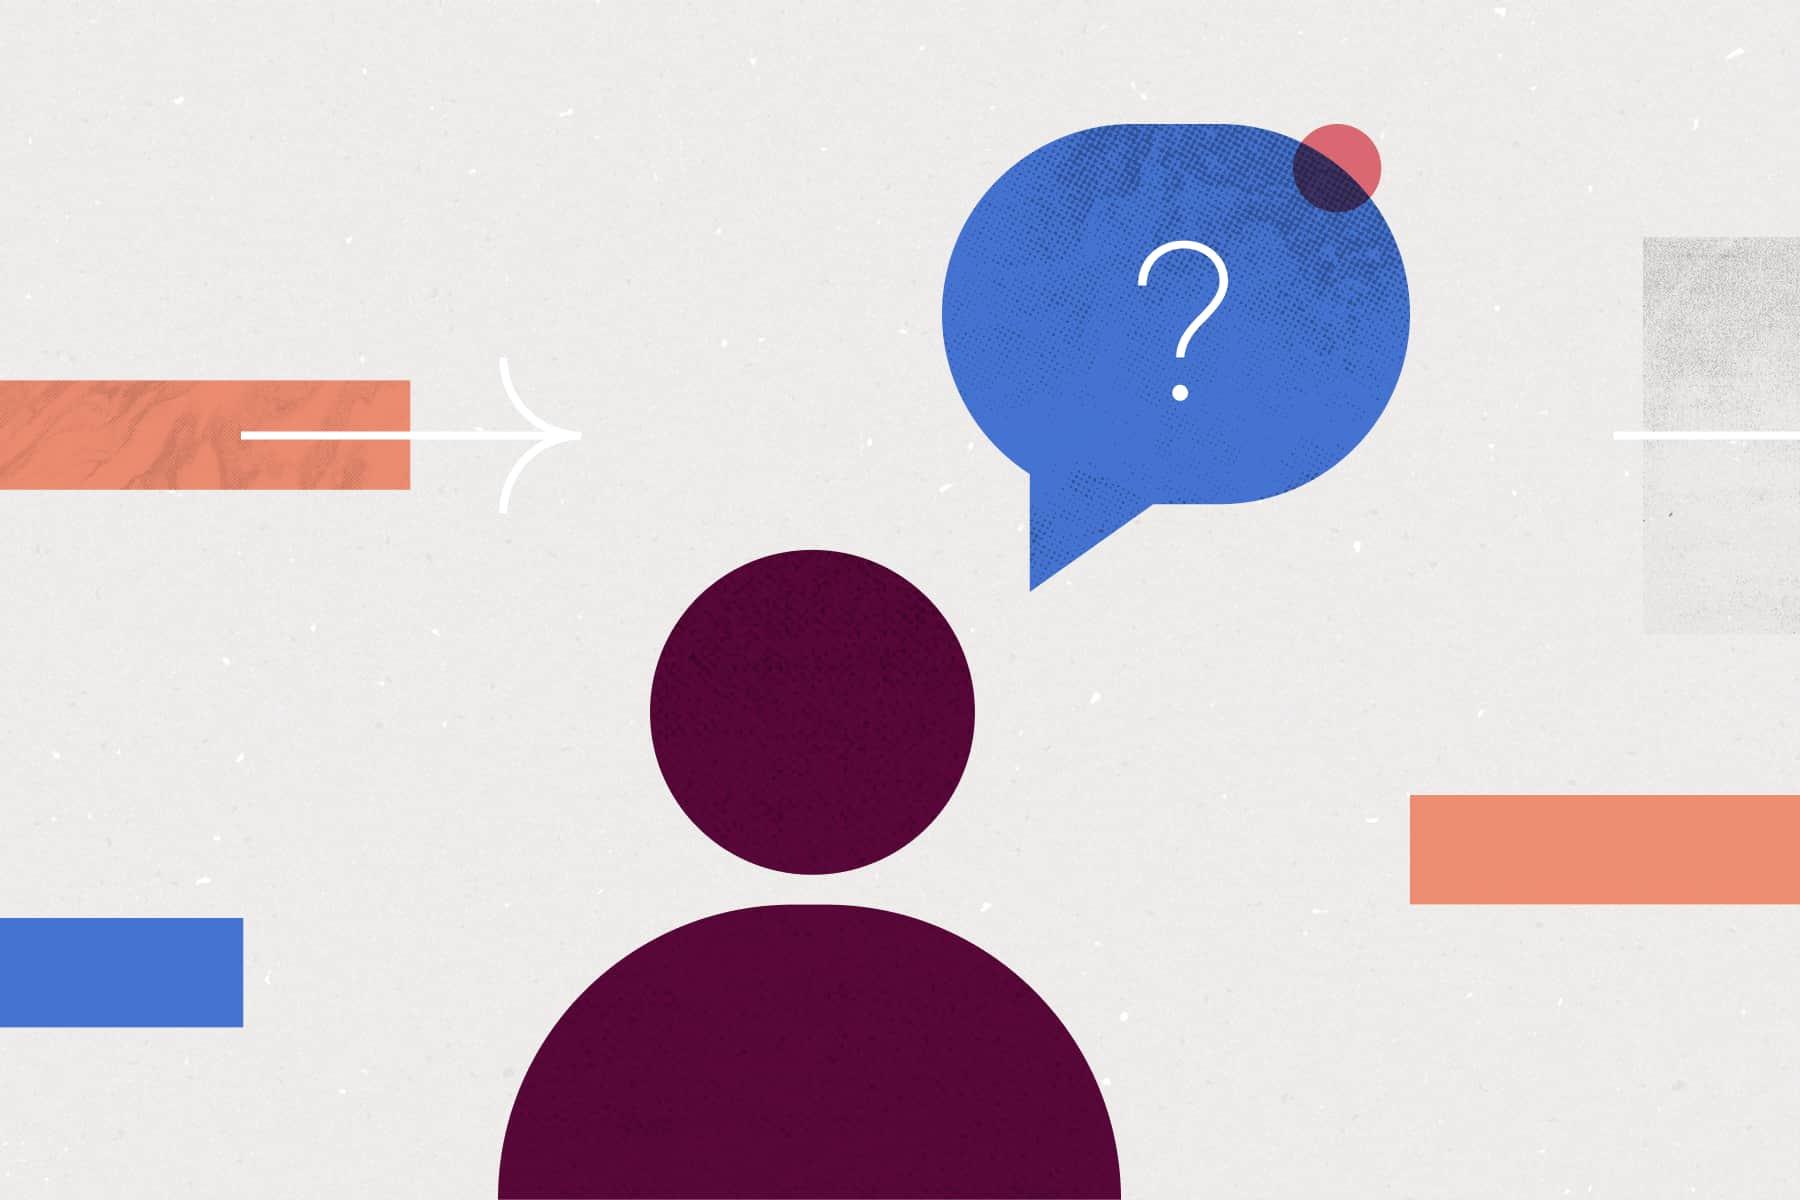 Les indispensables pour devenir chef de projet -Image bannière de l'article